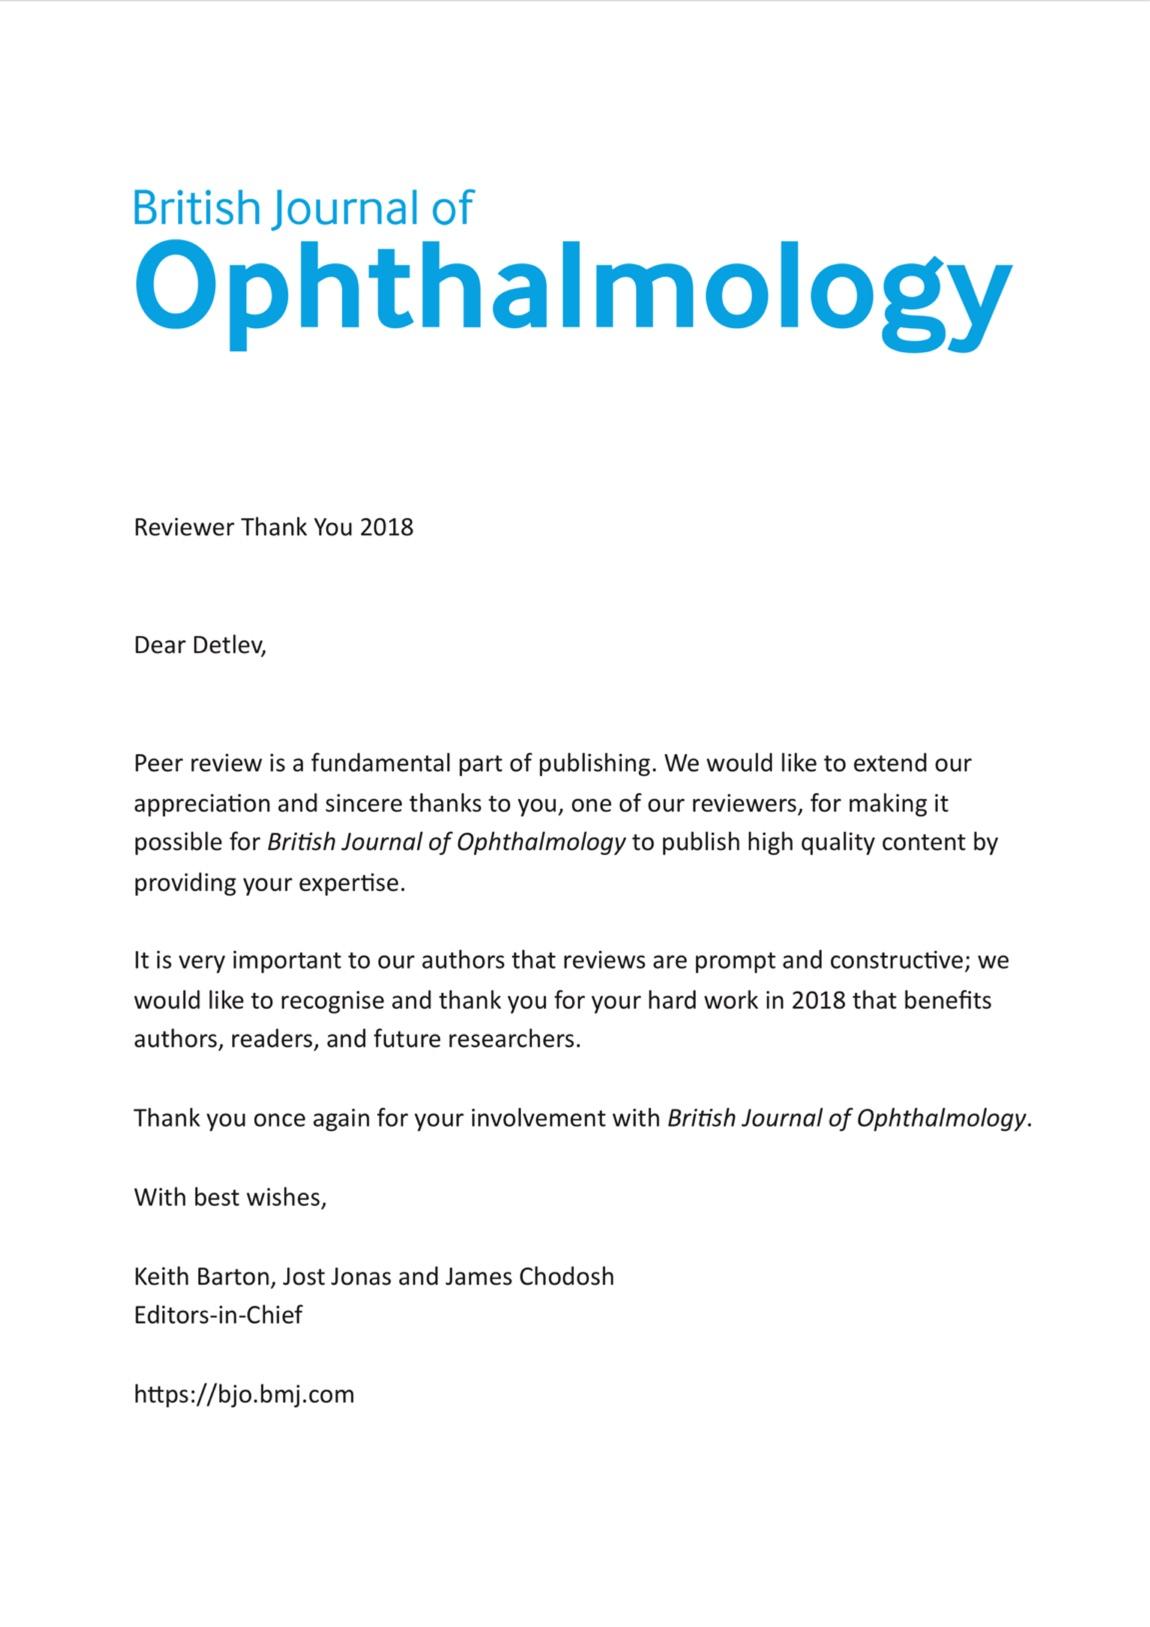 Dankesschreiben des British Journal of Ophthalmology an Dr. Breyer für seine Gutachtertätigkeit im Jahr 2018.